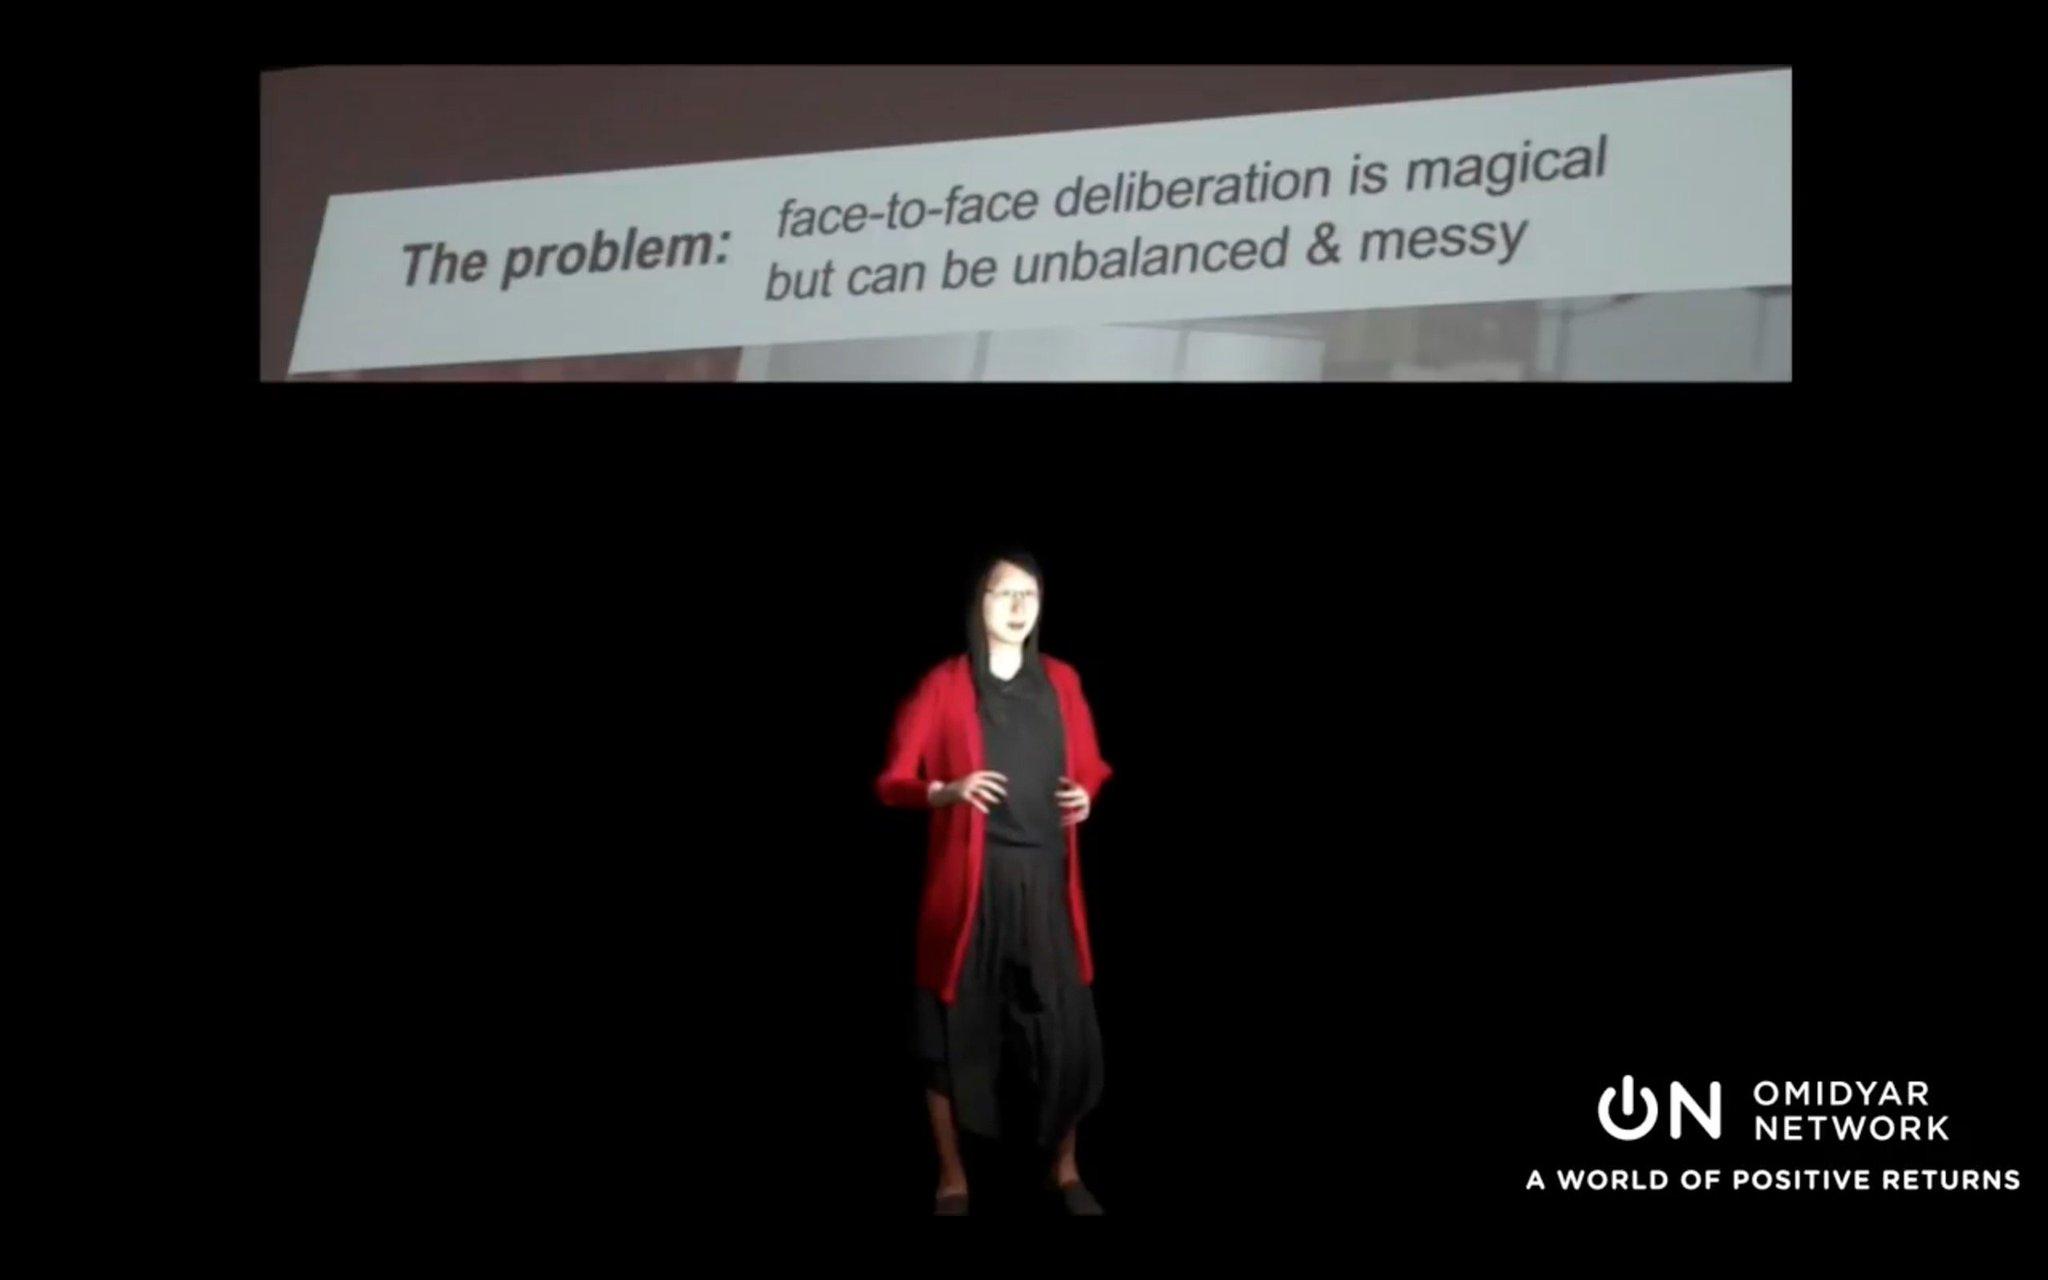 Quand @audreyt intervient grâce à un avatar à la #DemocracyNight pour évoquer le rôle de la réalité virtuelle 😮 #OGP16 https://t.co/p6uErYD4e8